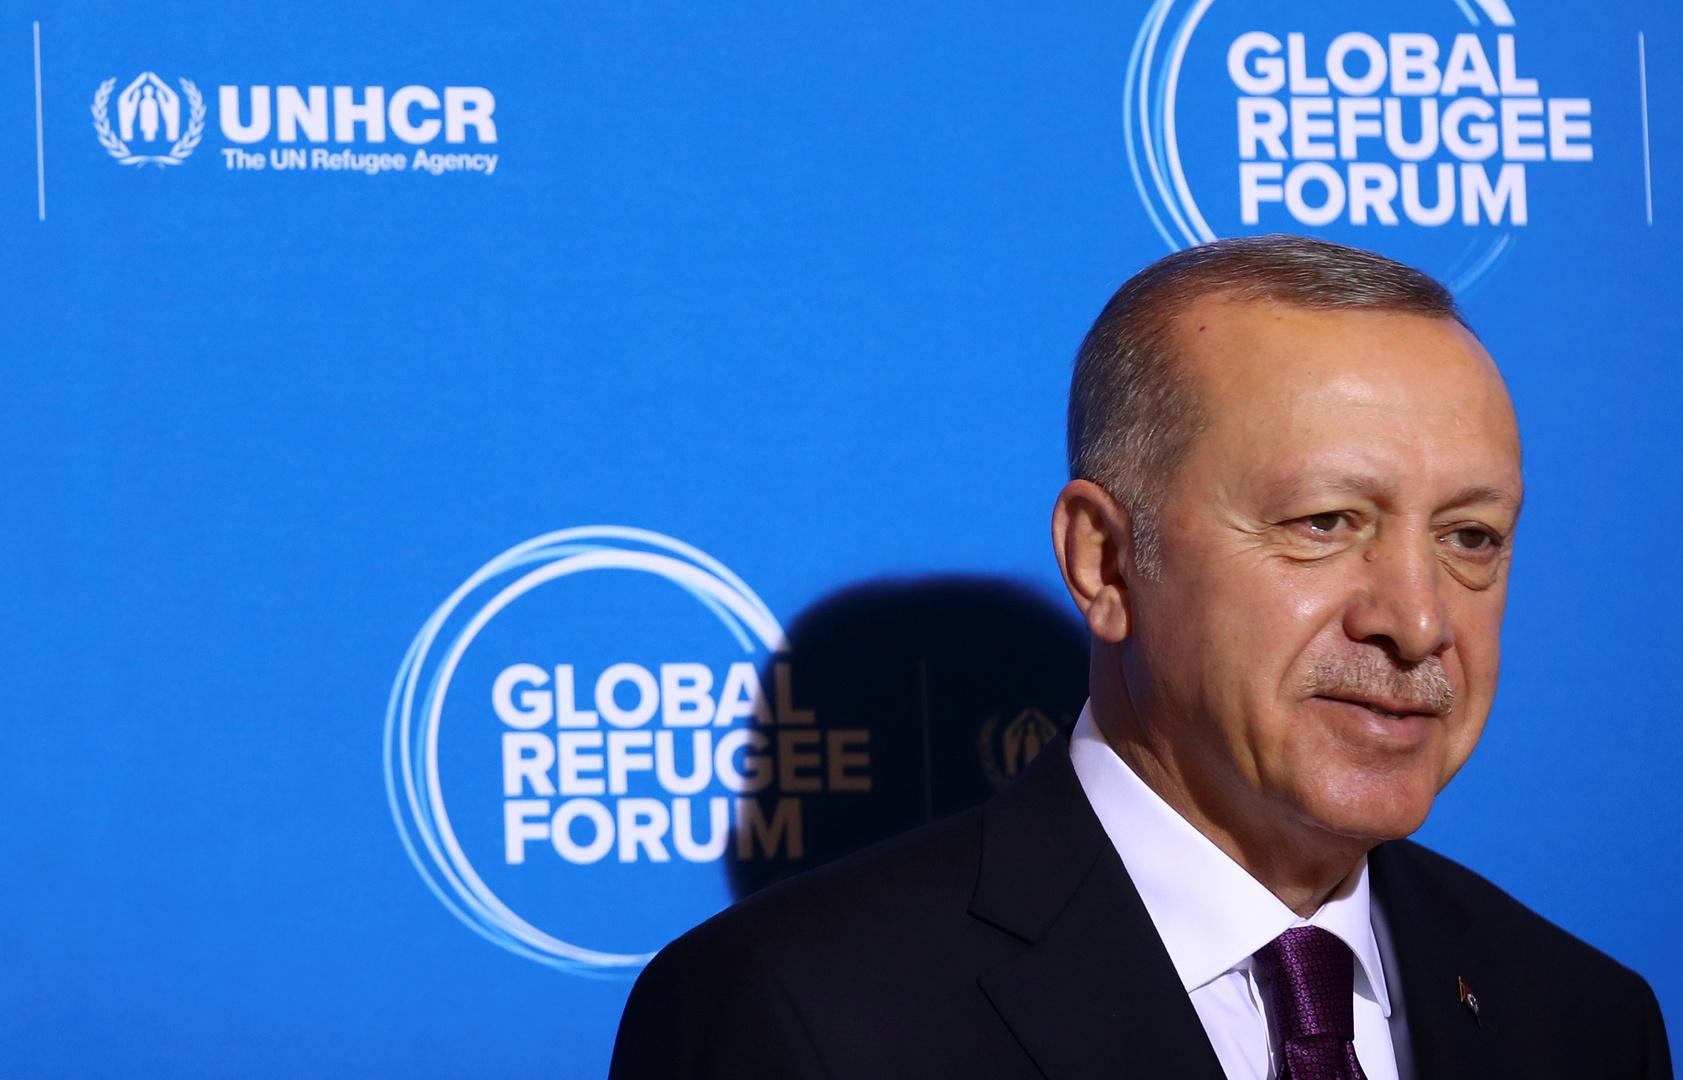 أردوغان يشارك في المنتدى العالمي للاجئين في جنيف